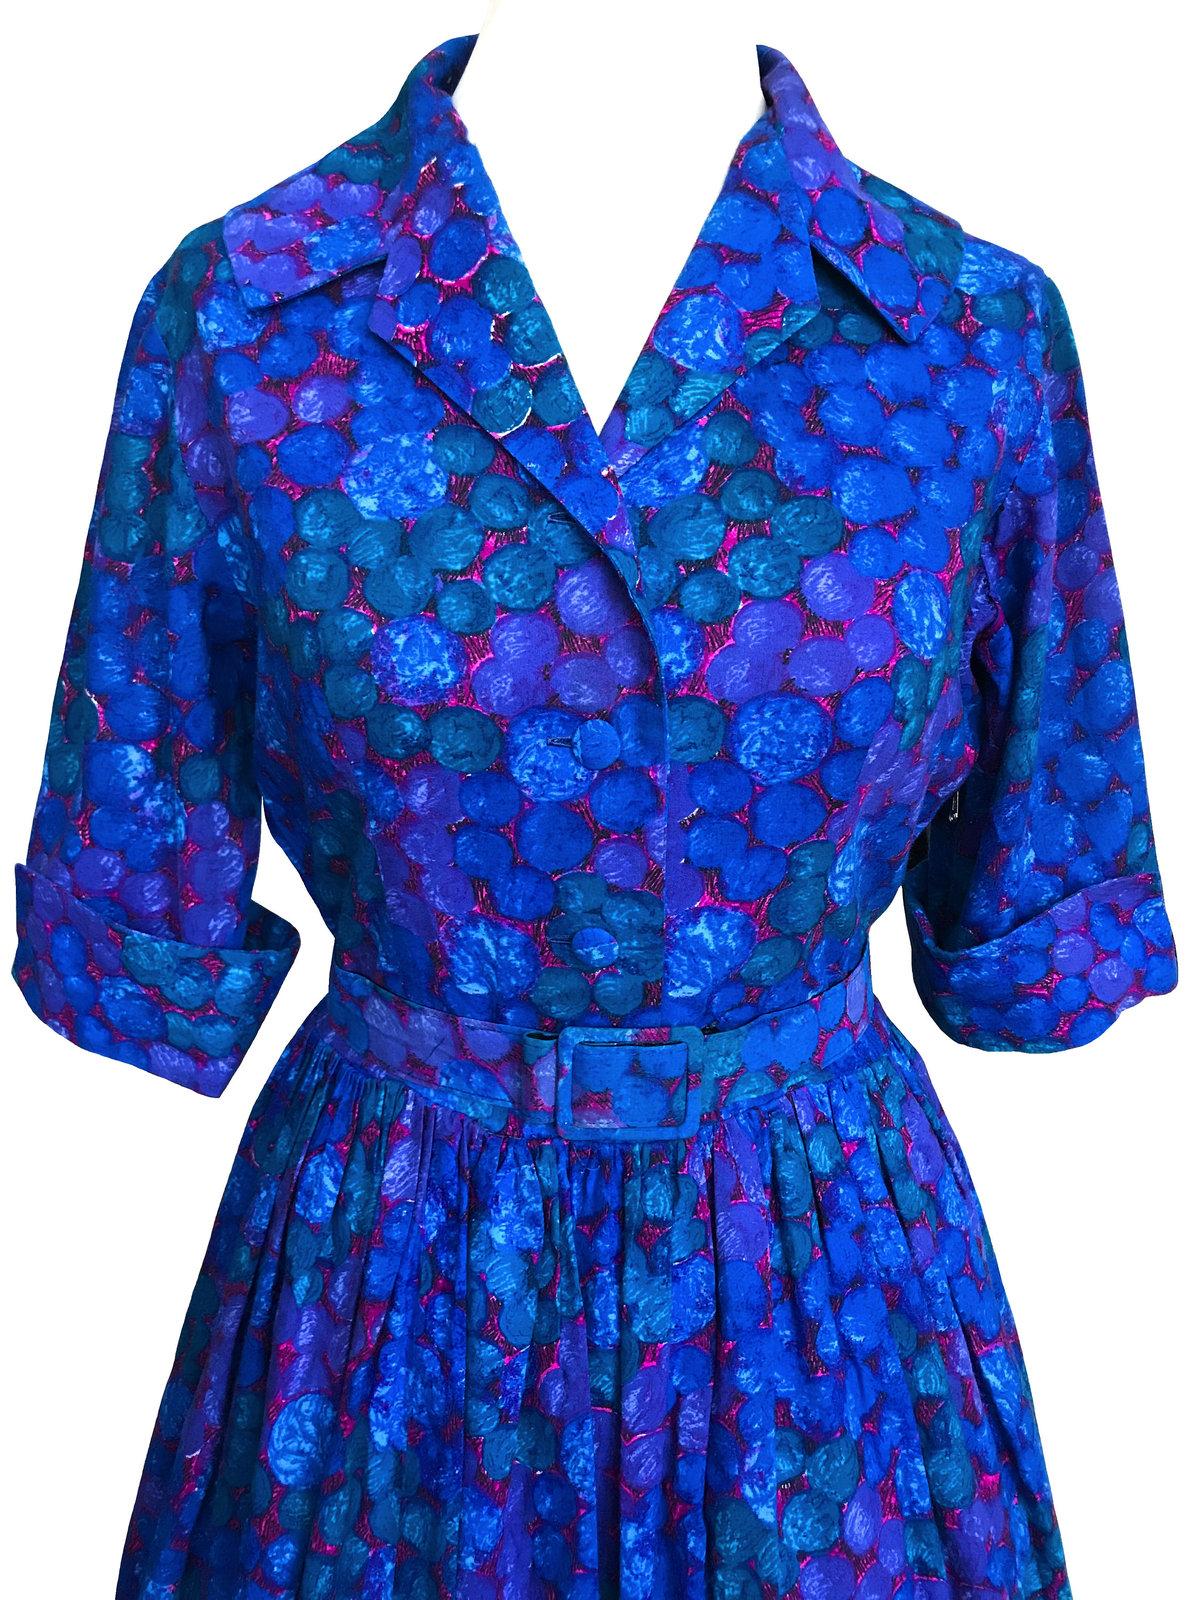 50s Vtg 100% Cotton Blue Pink Green Spot Dot Big Collar Shirtwaist Belted Dress